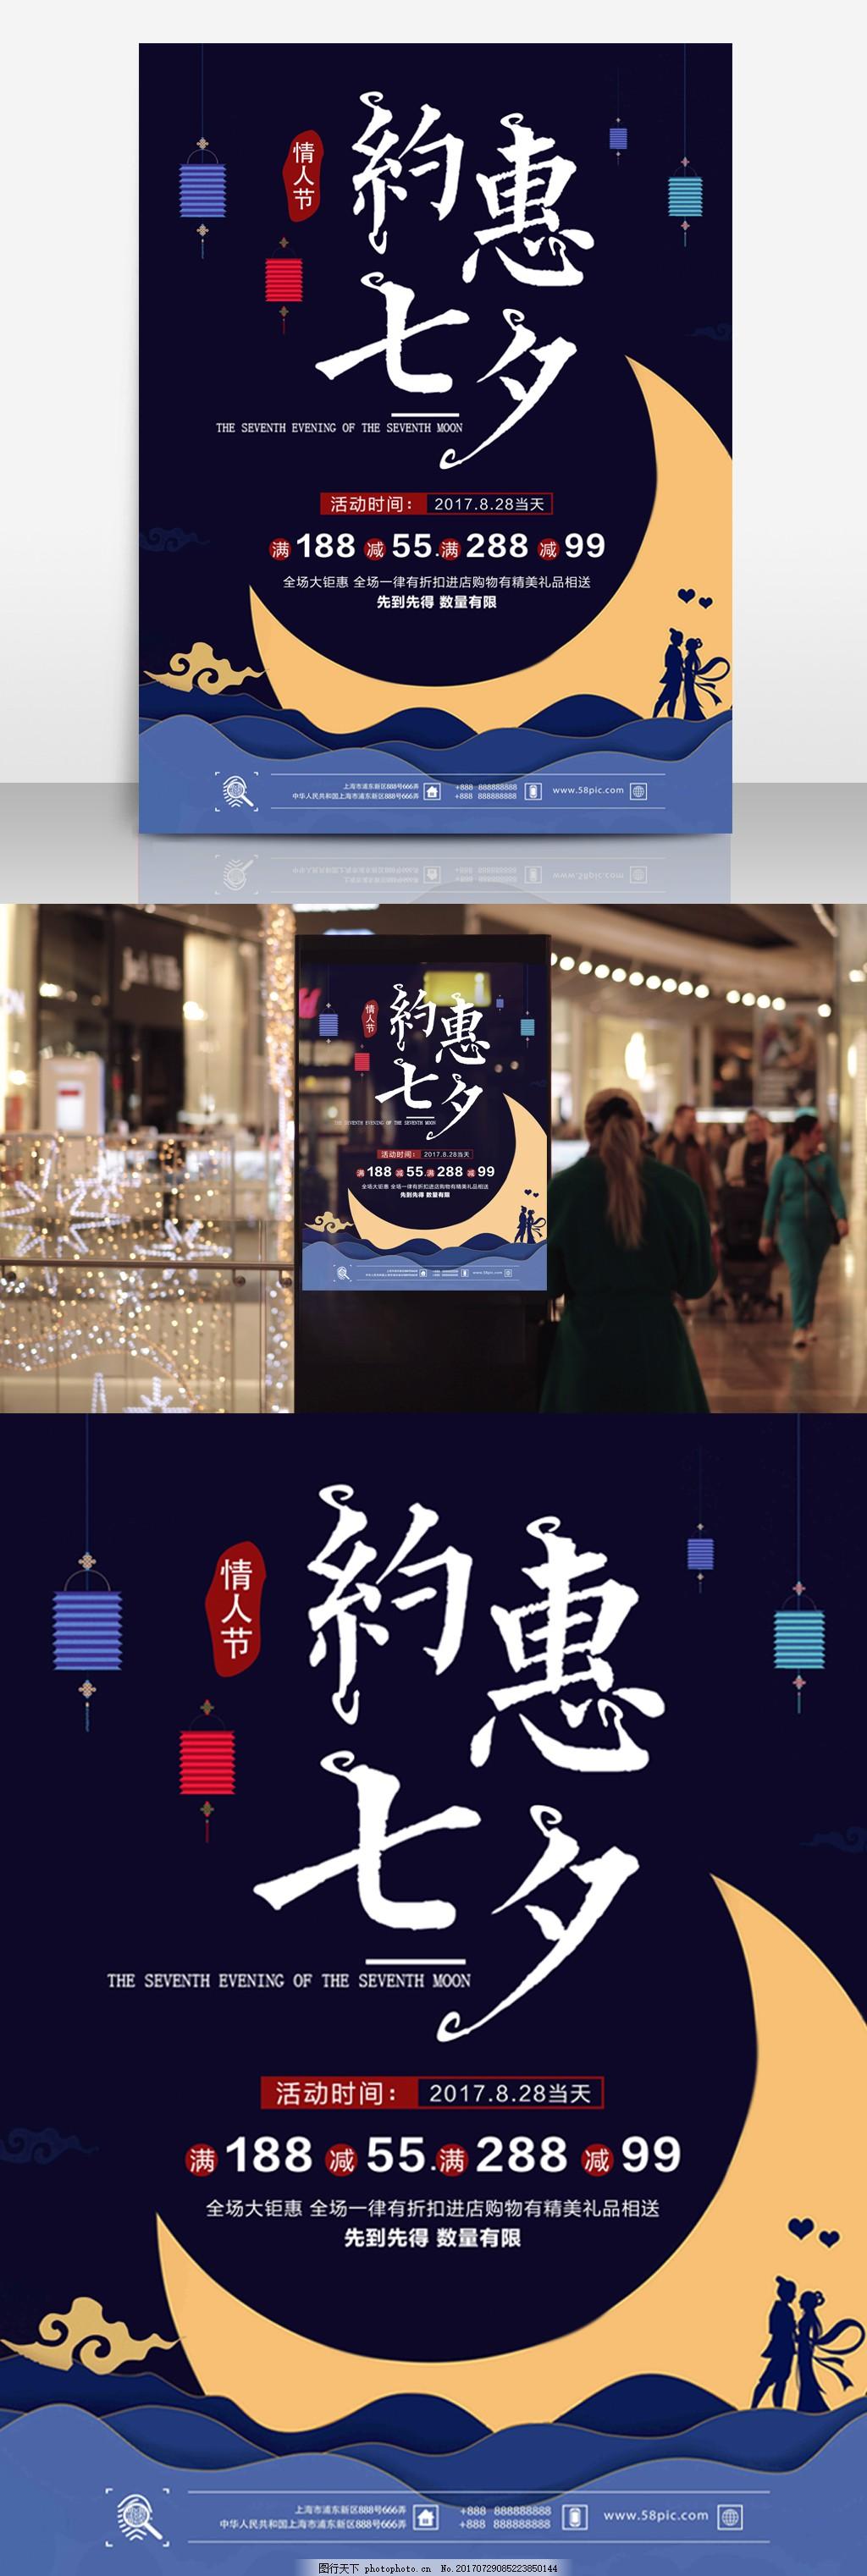 简约大气约惠七夕情人节海报 促销海报 活动海报 灯笼月亮素材 广告设计模版